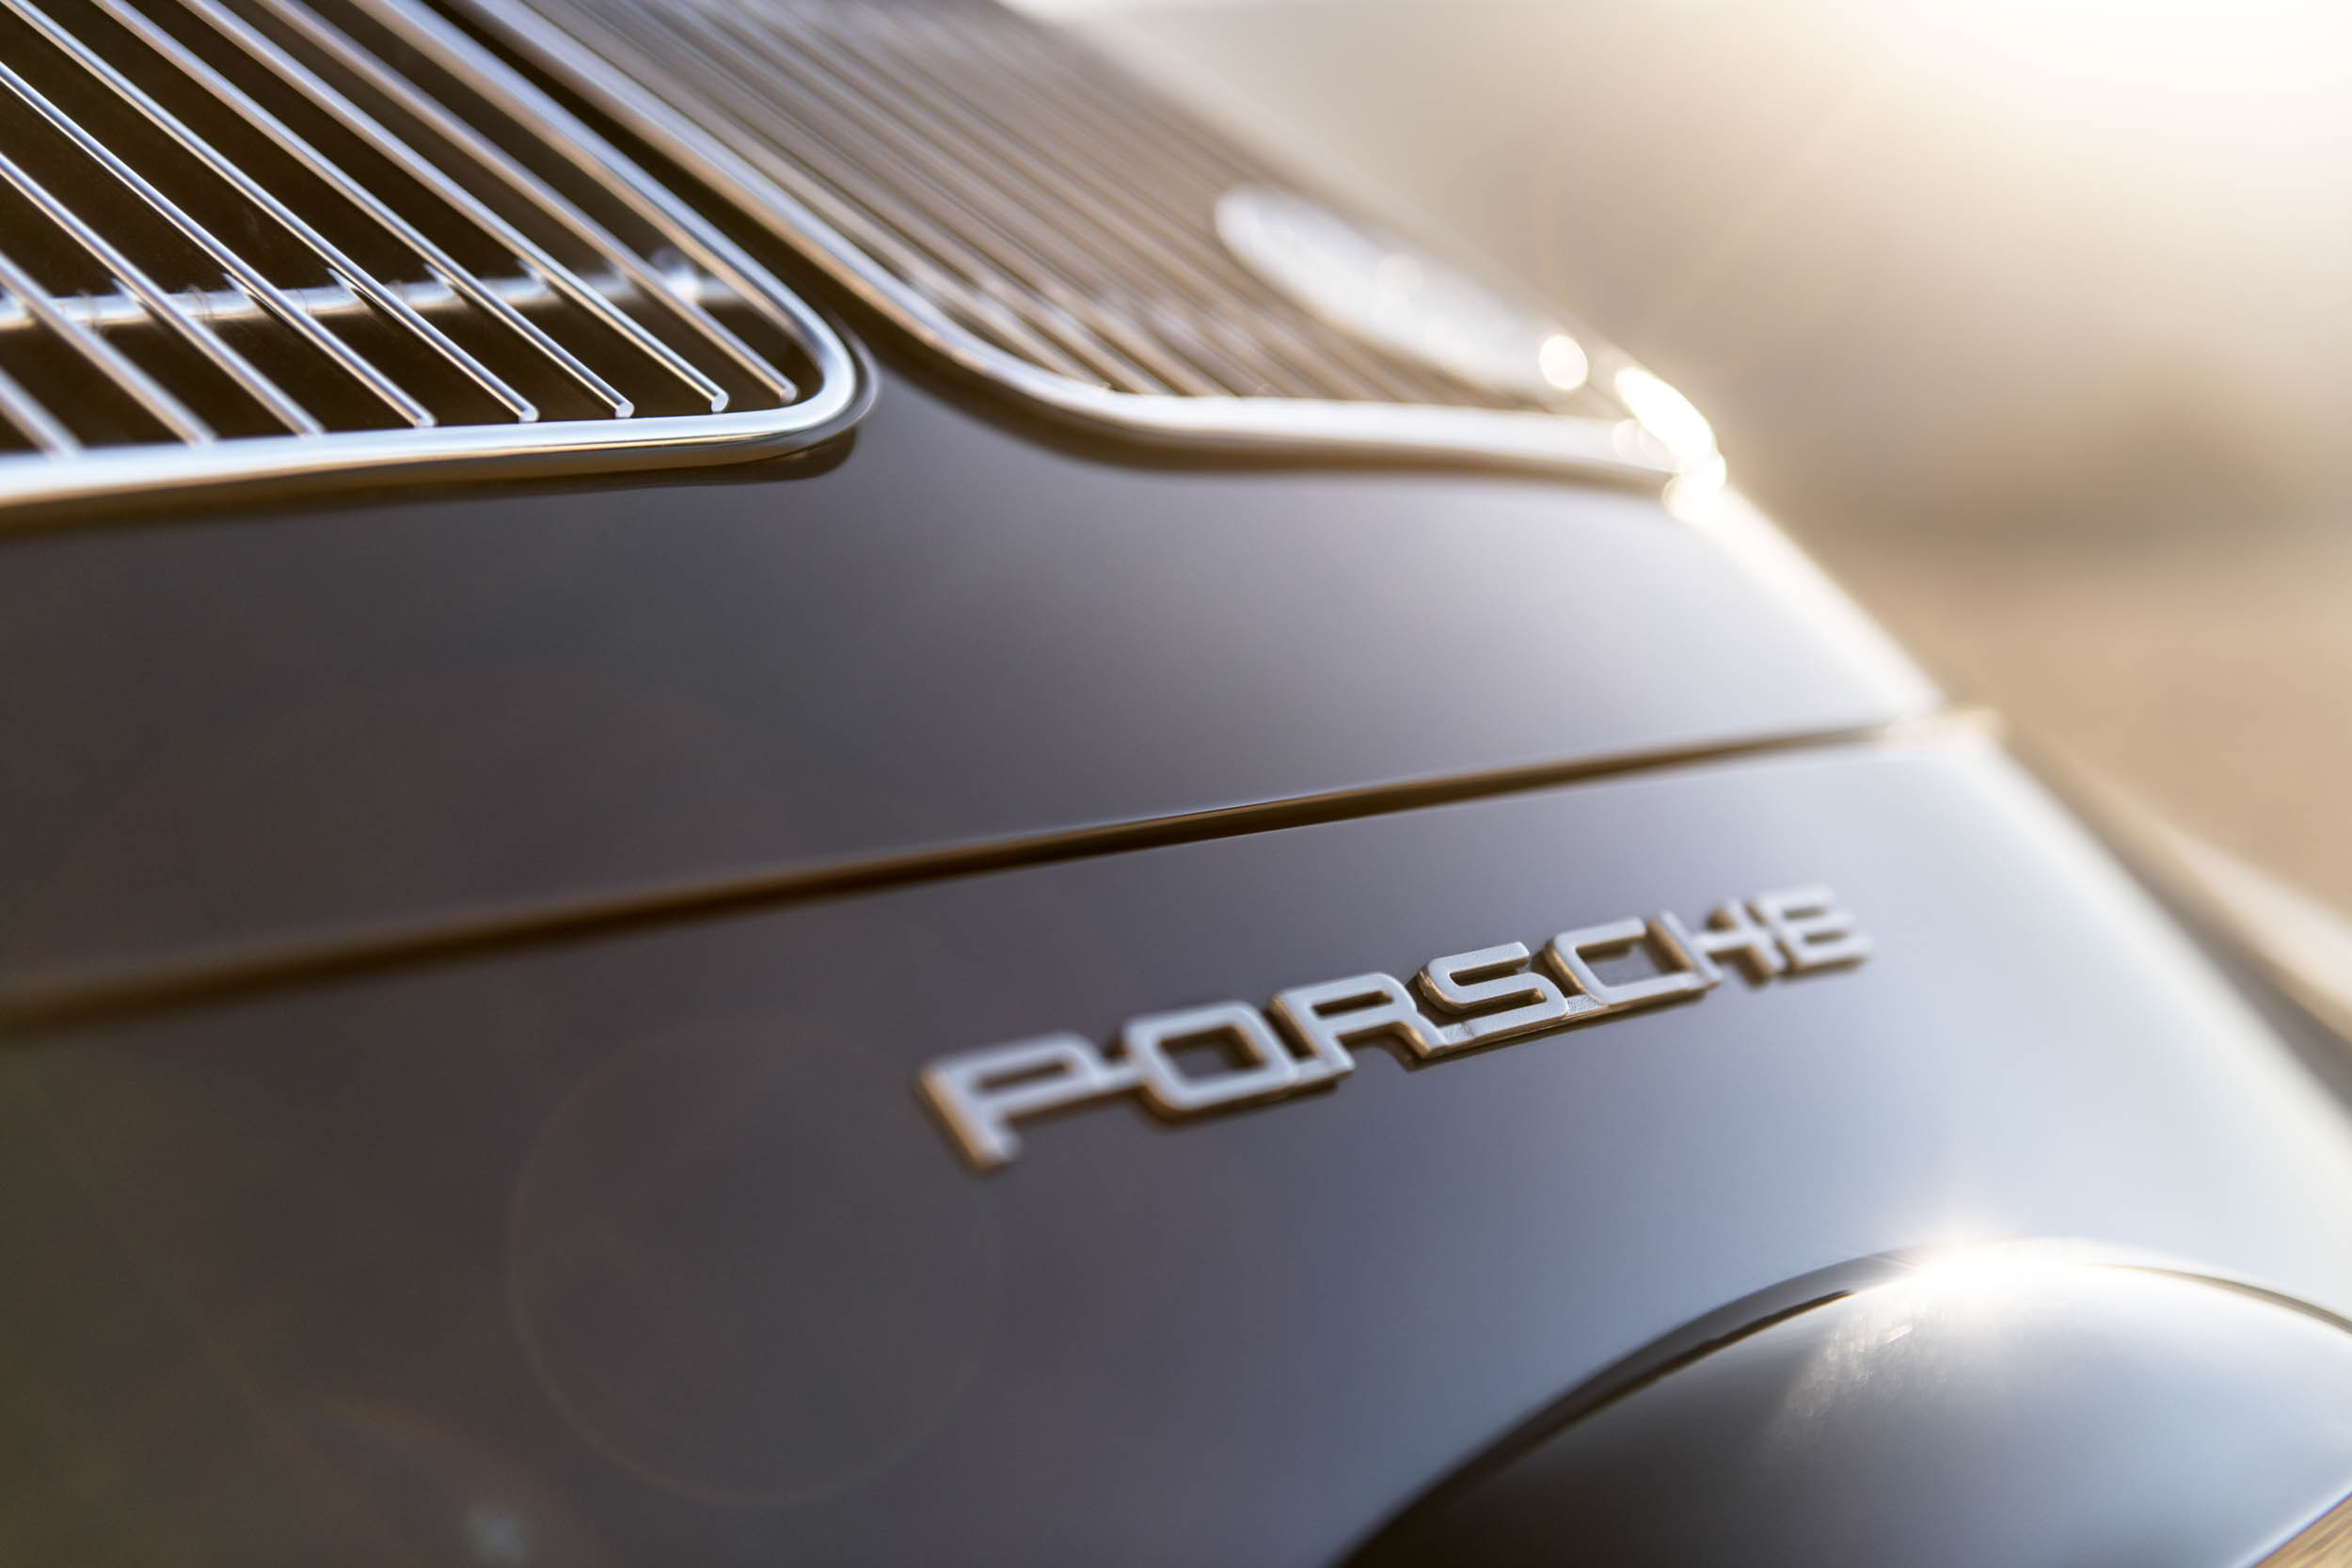 Emory Porsche 356 C4S Allrad Porsche badge